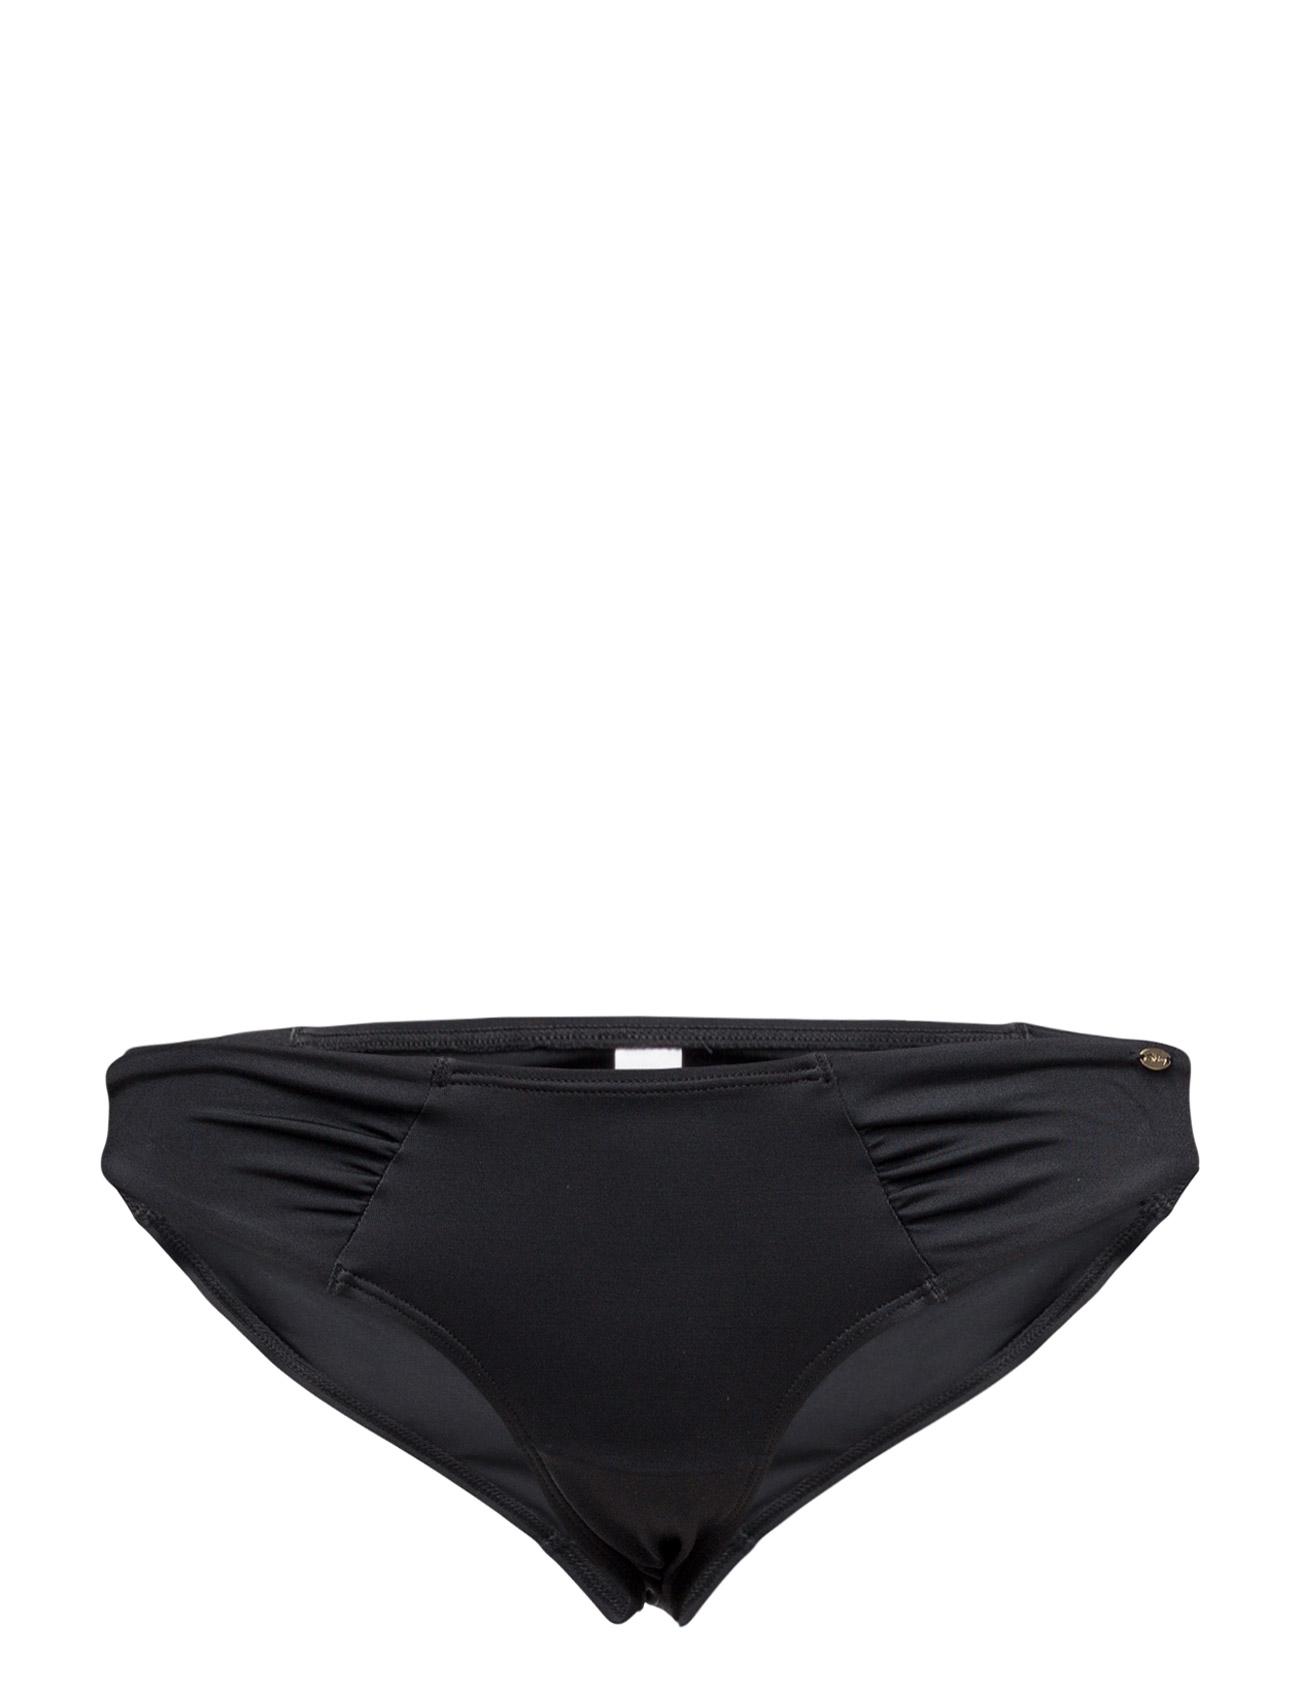 L. Bikini Briefs Skiny Bikinier til Damer i Sort